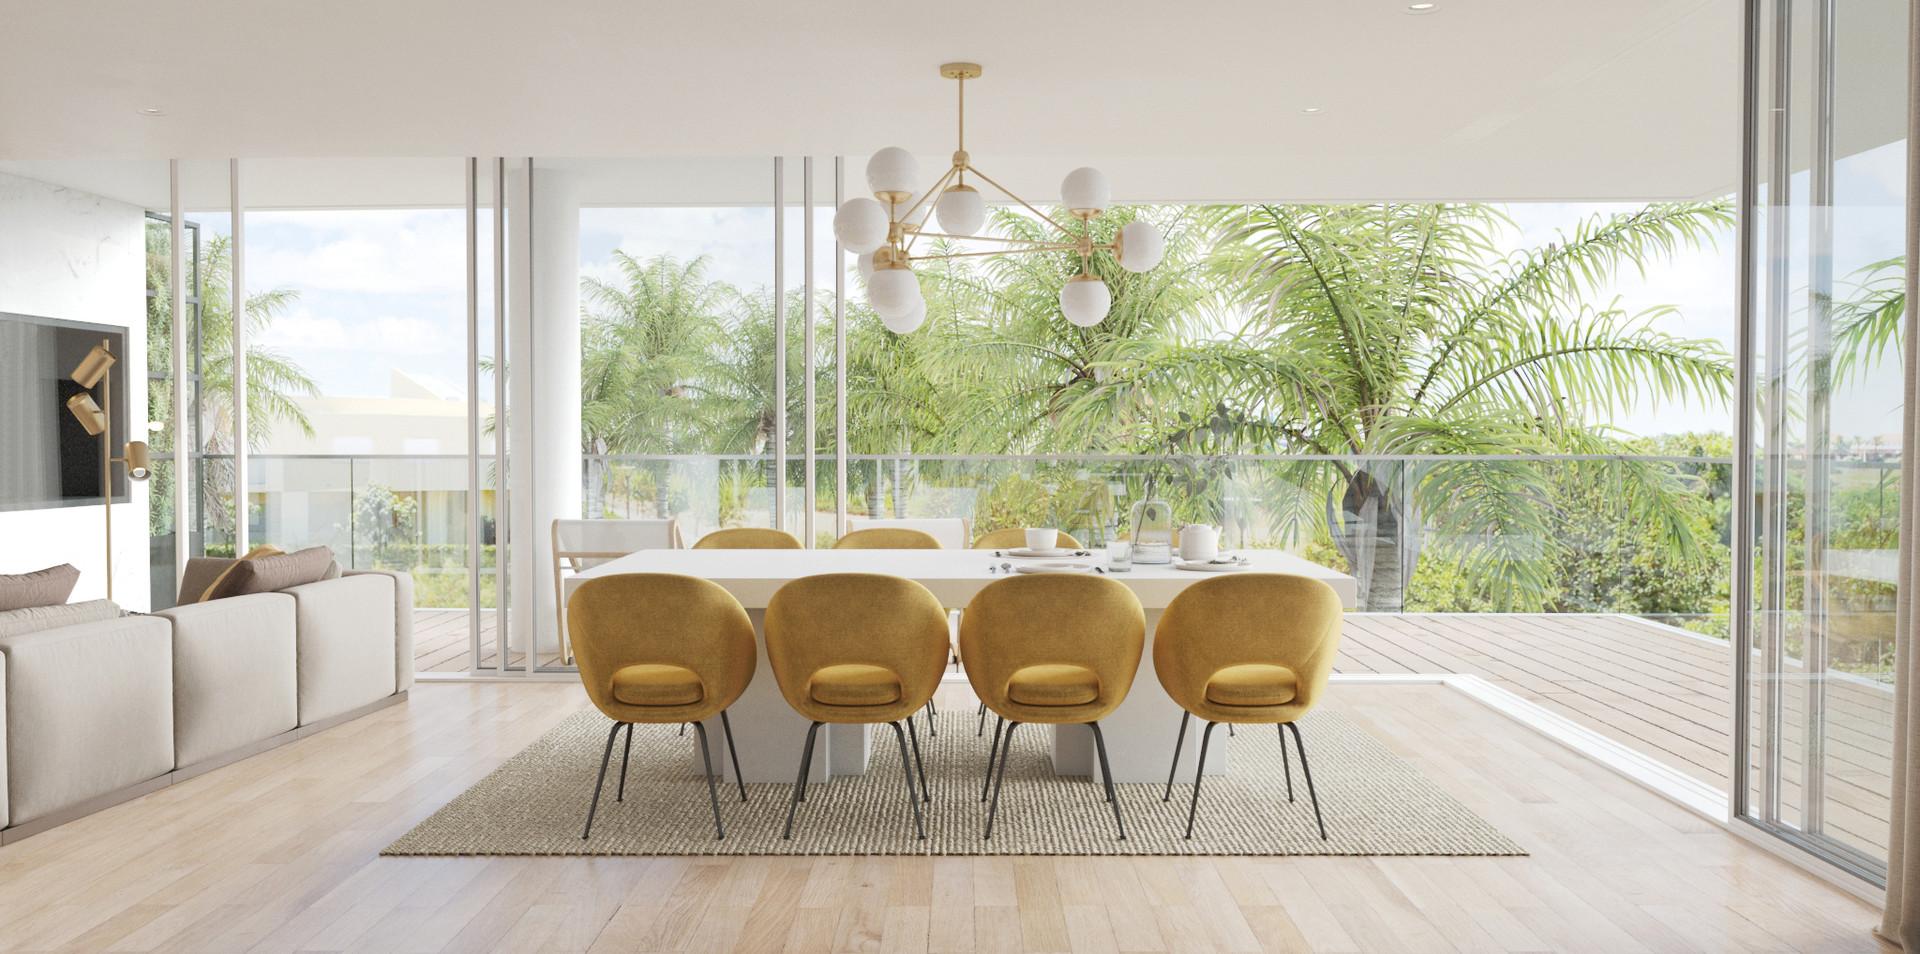 big_110_Villamoura_living room_04.jpg